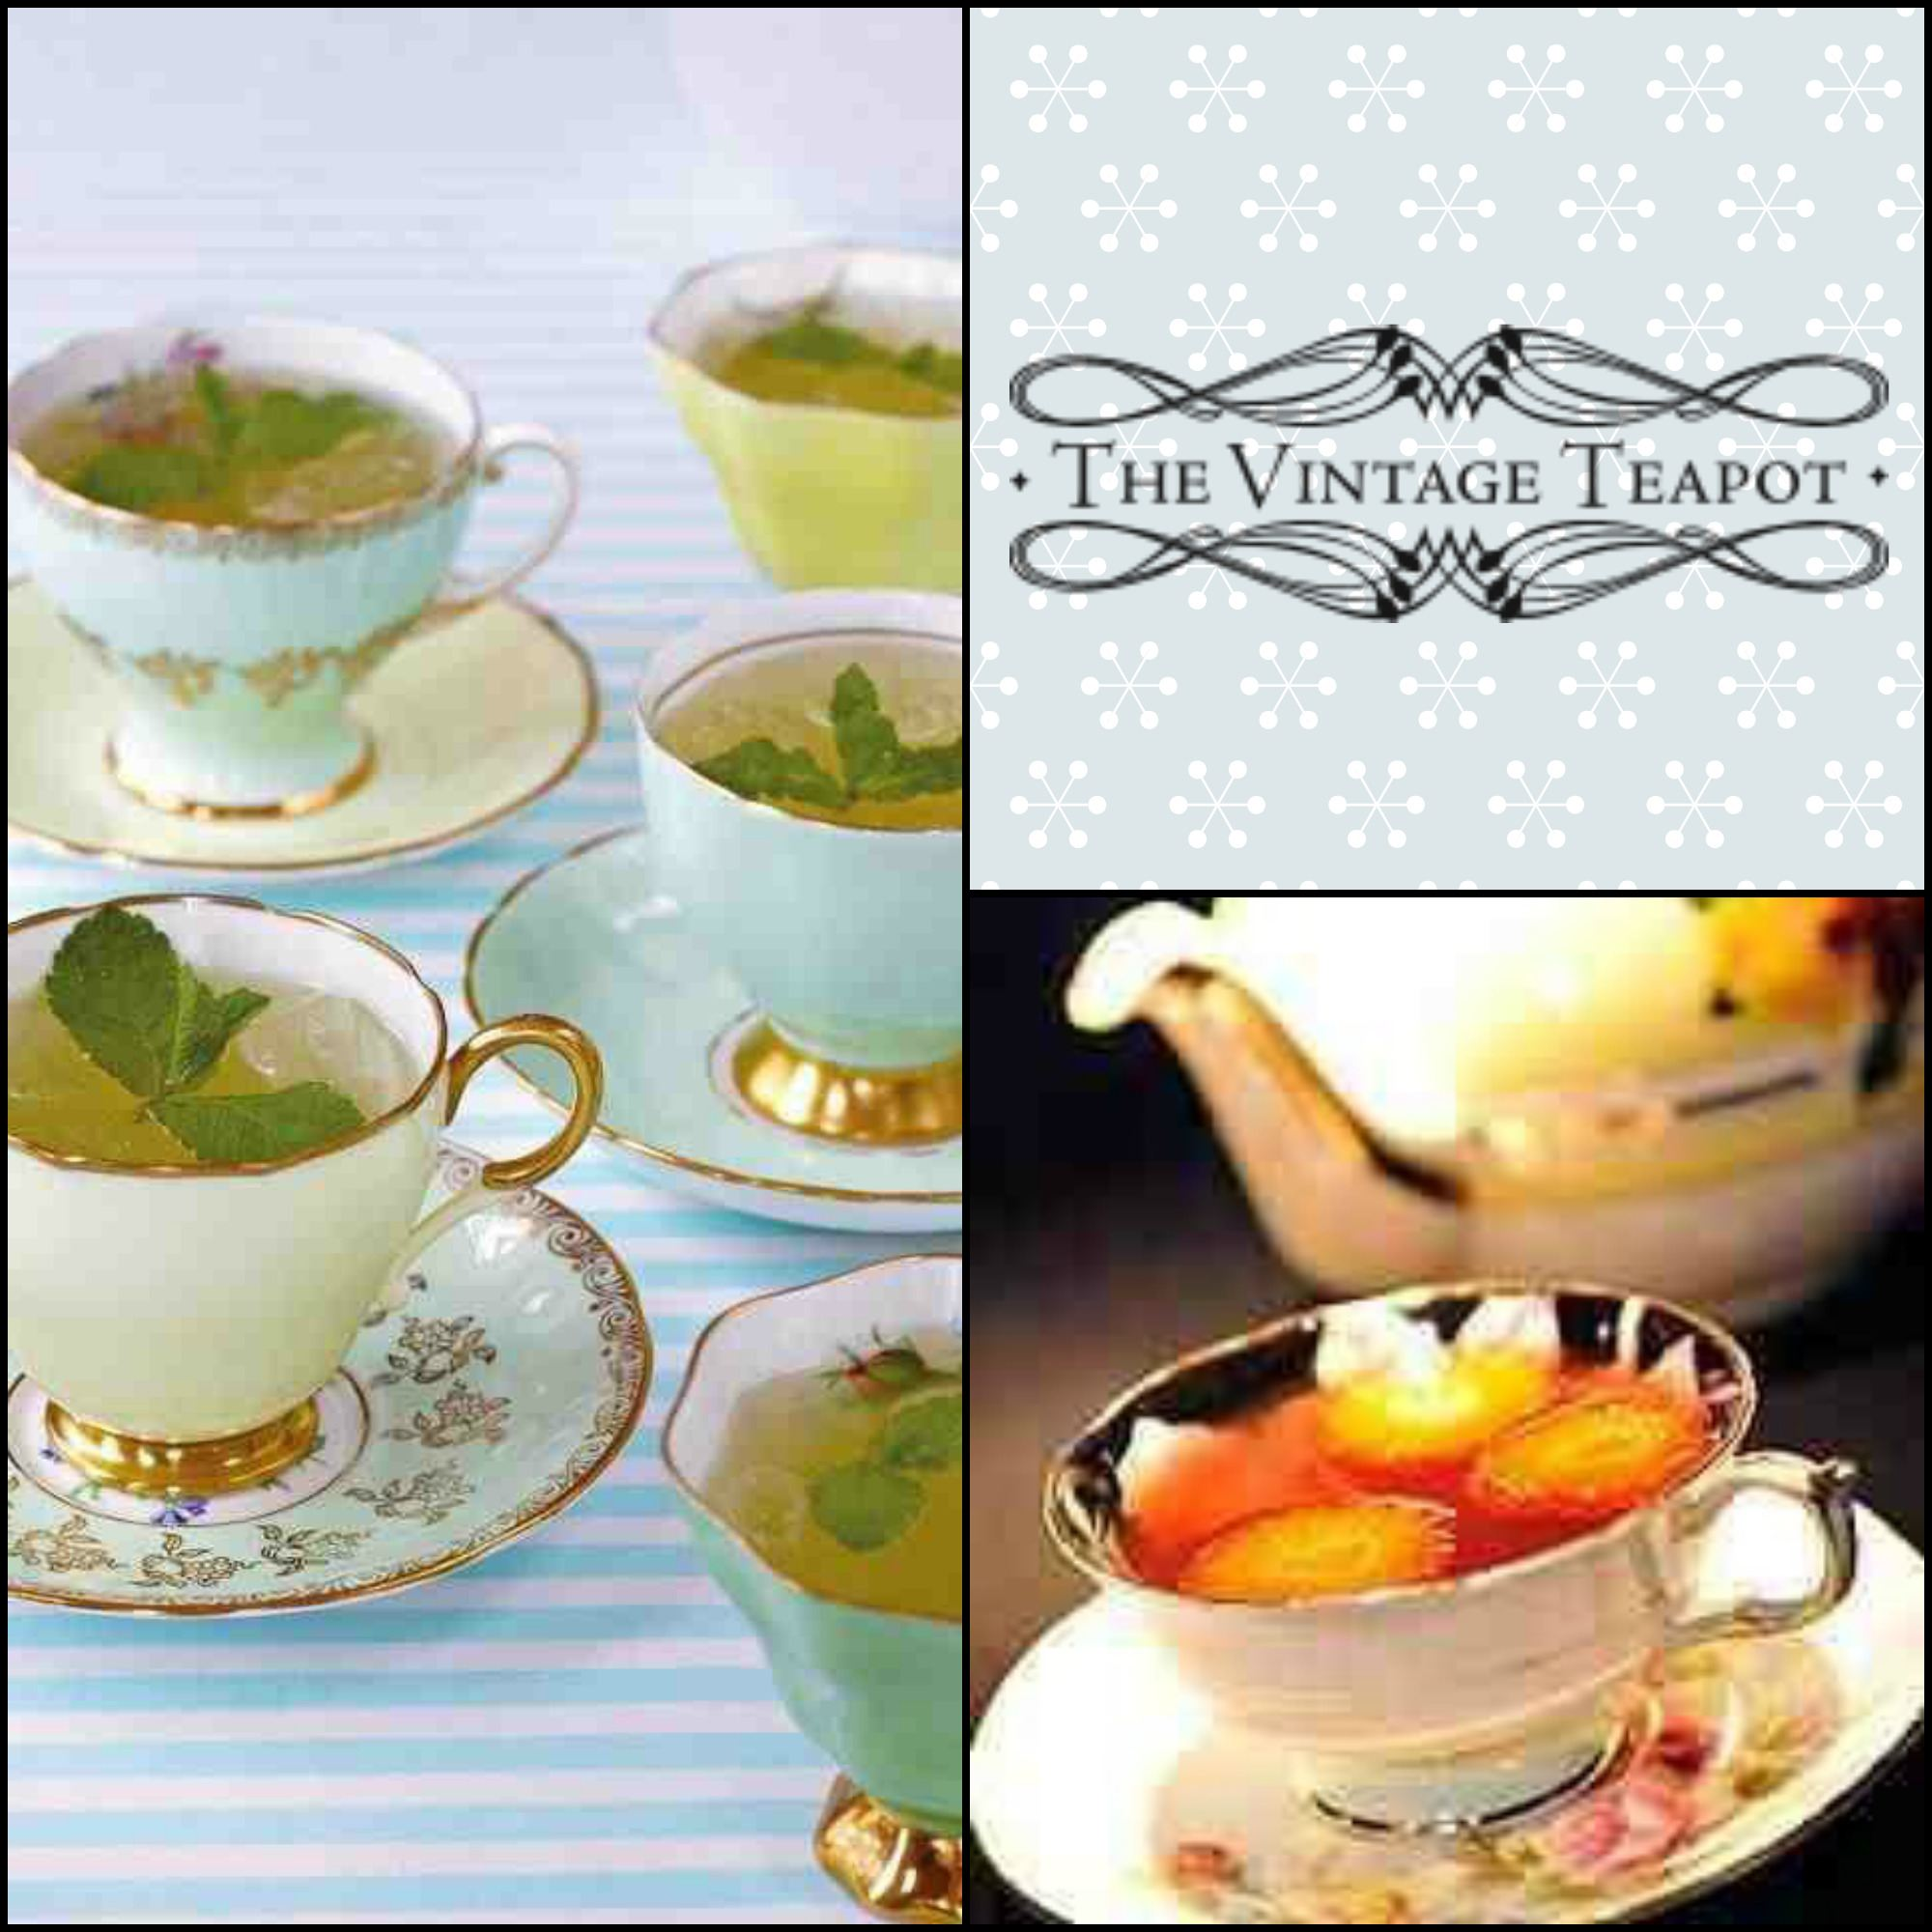 drinks in teacups